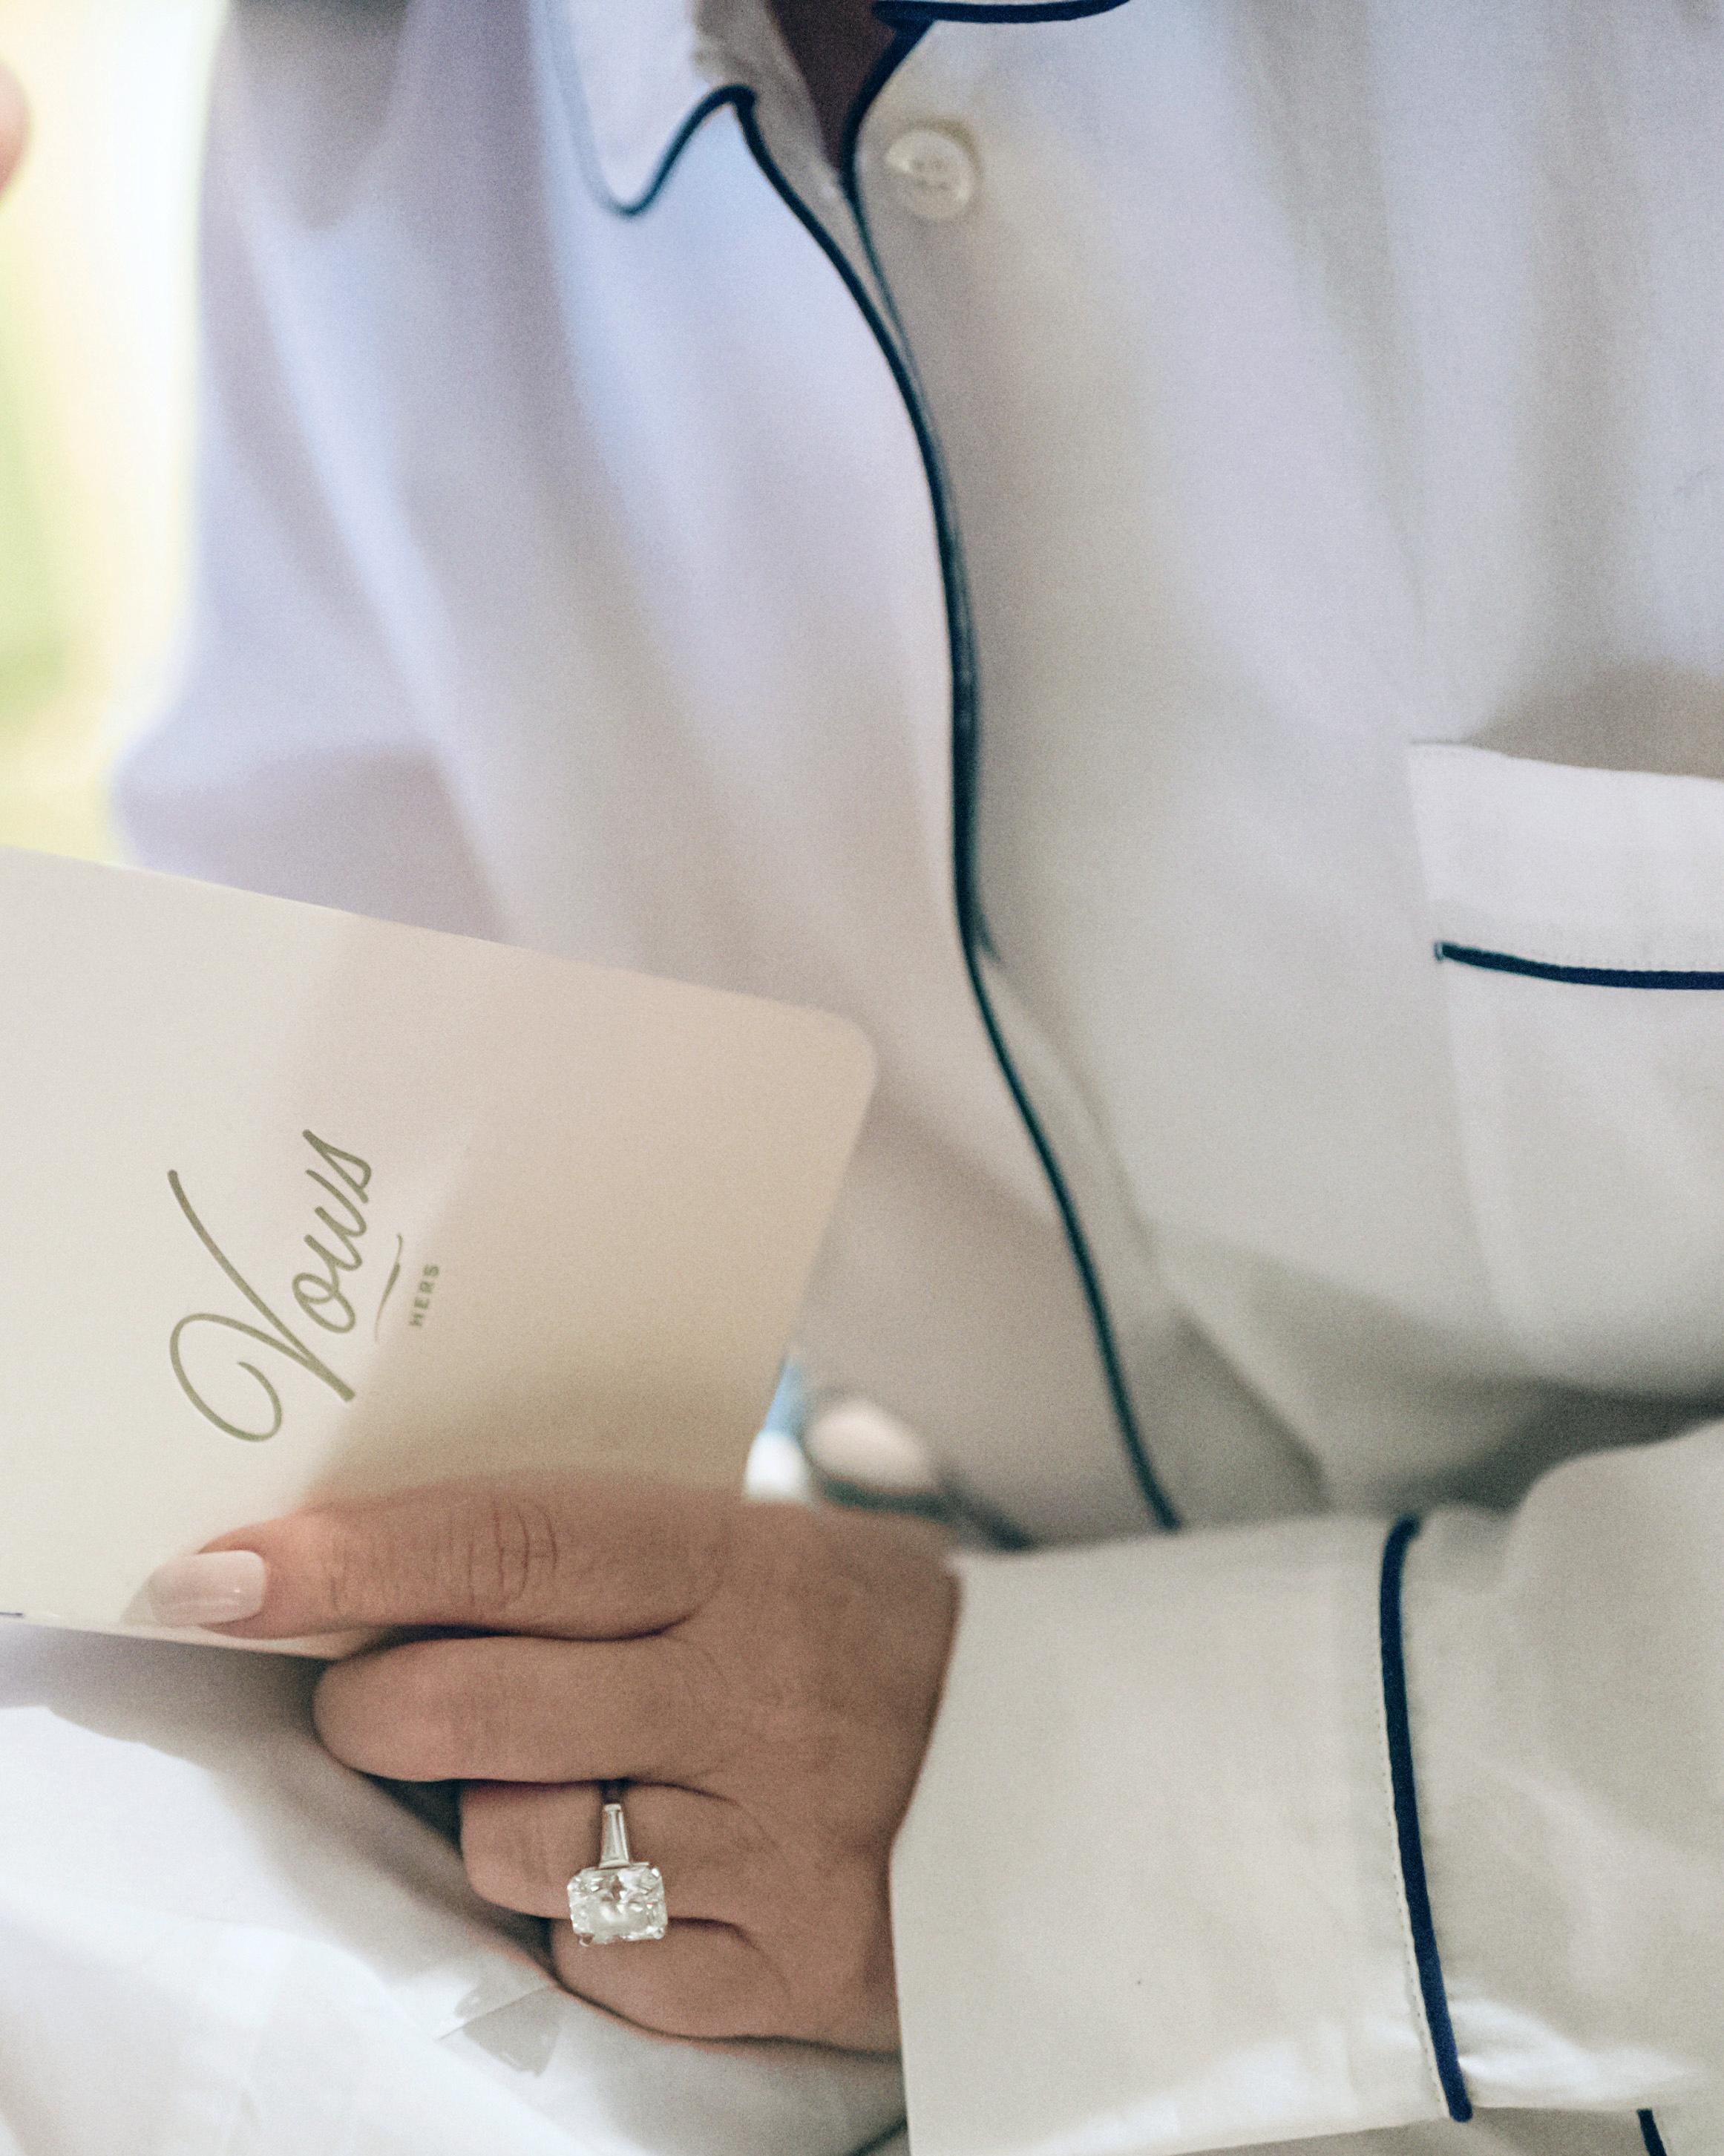 lori-jan-wedding-vows-00468-s112305-1215.jpg